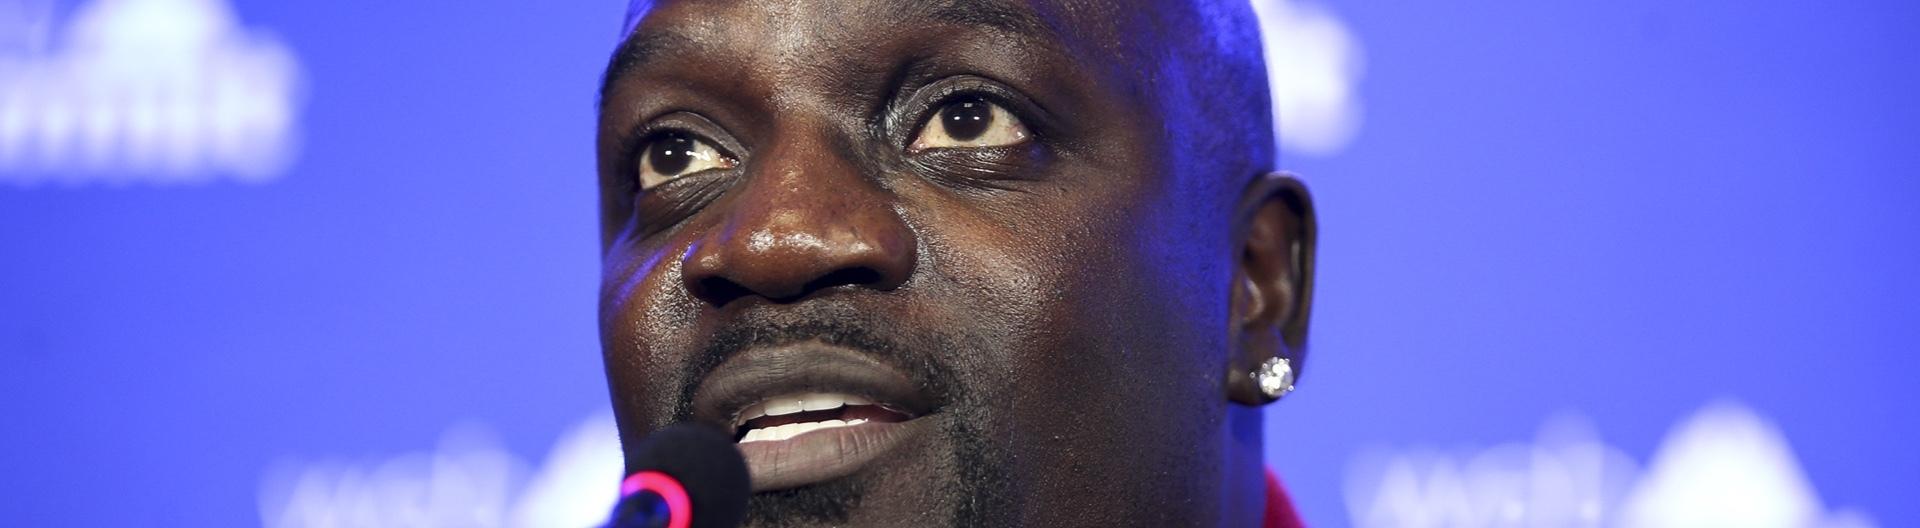 Akon am 6.11.19 in Lissabon auf dem Web Summit